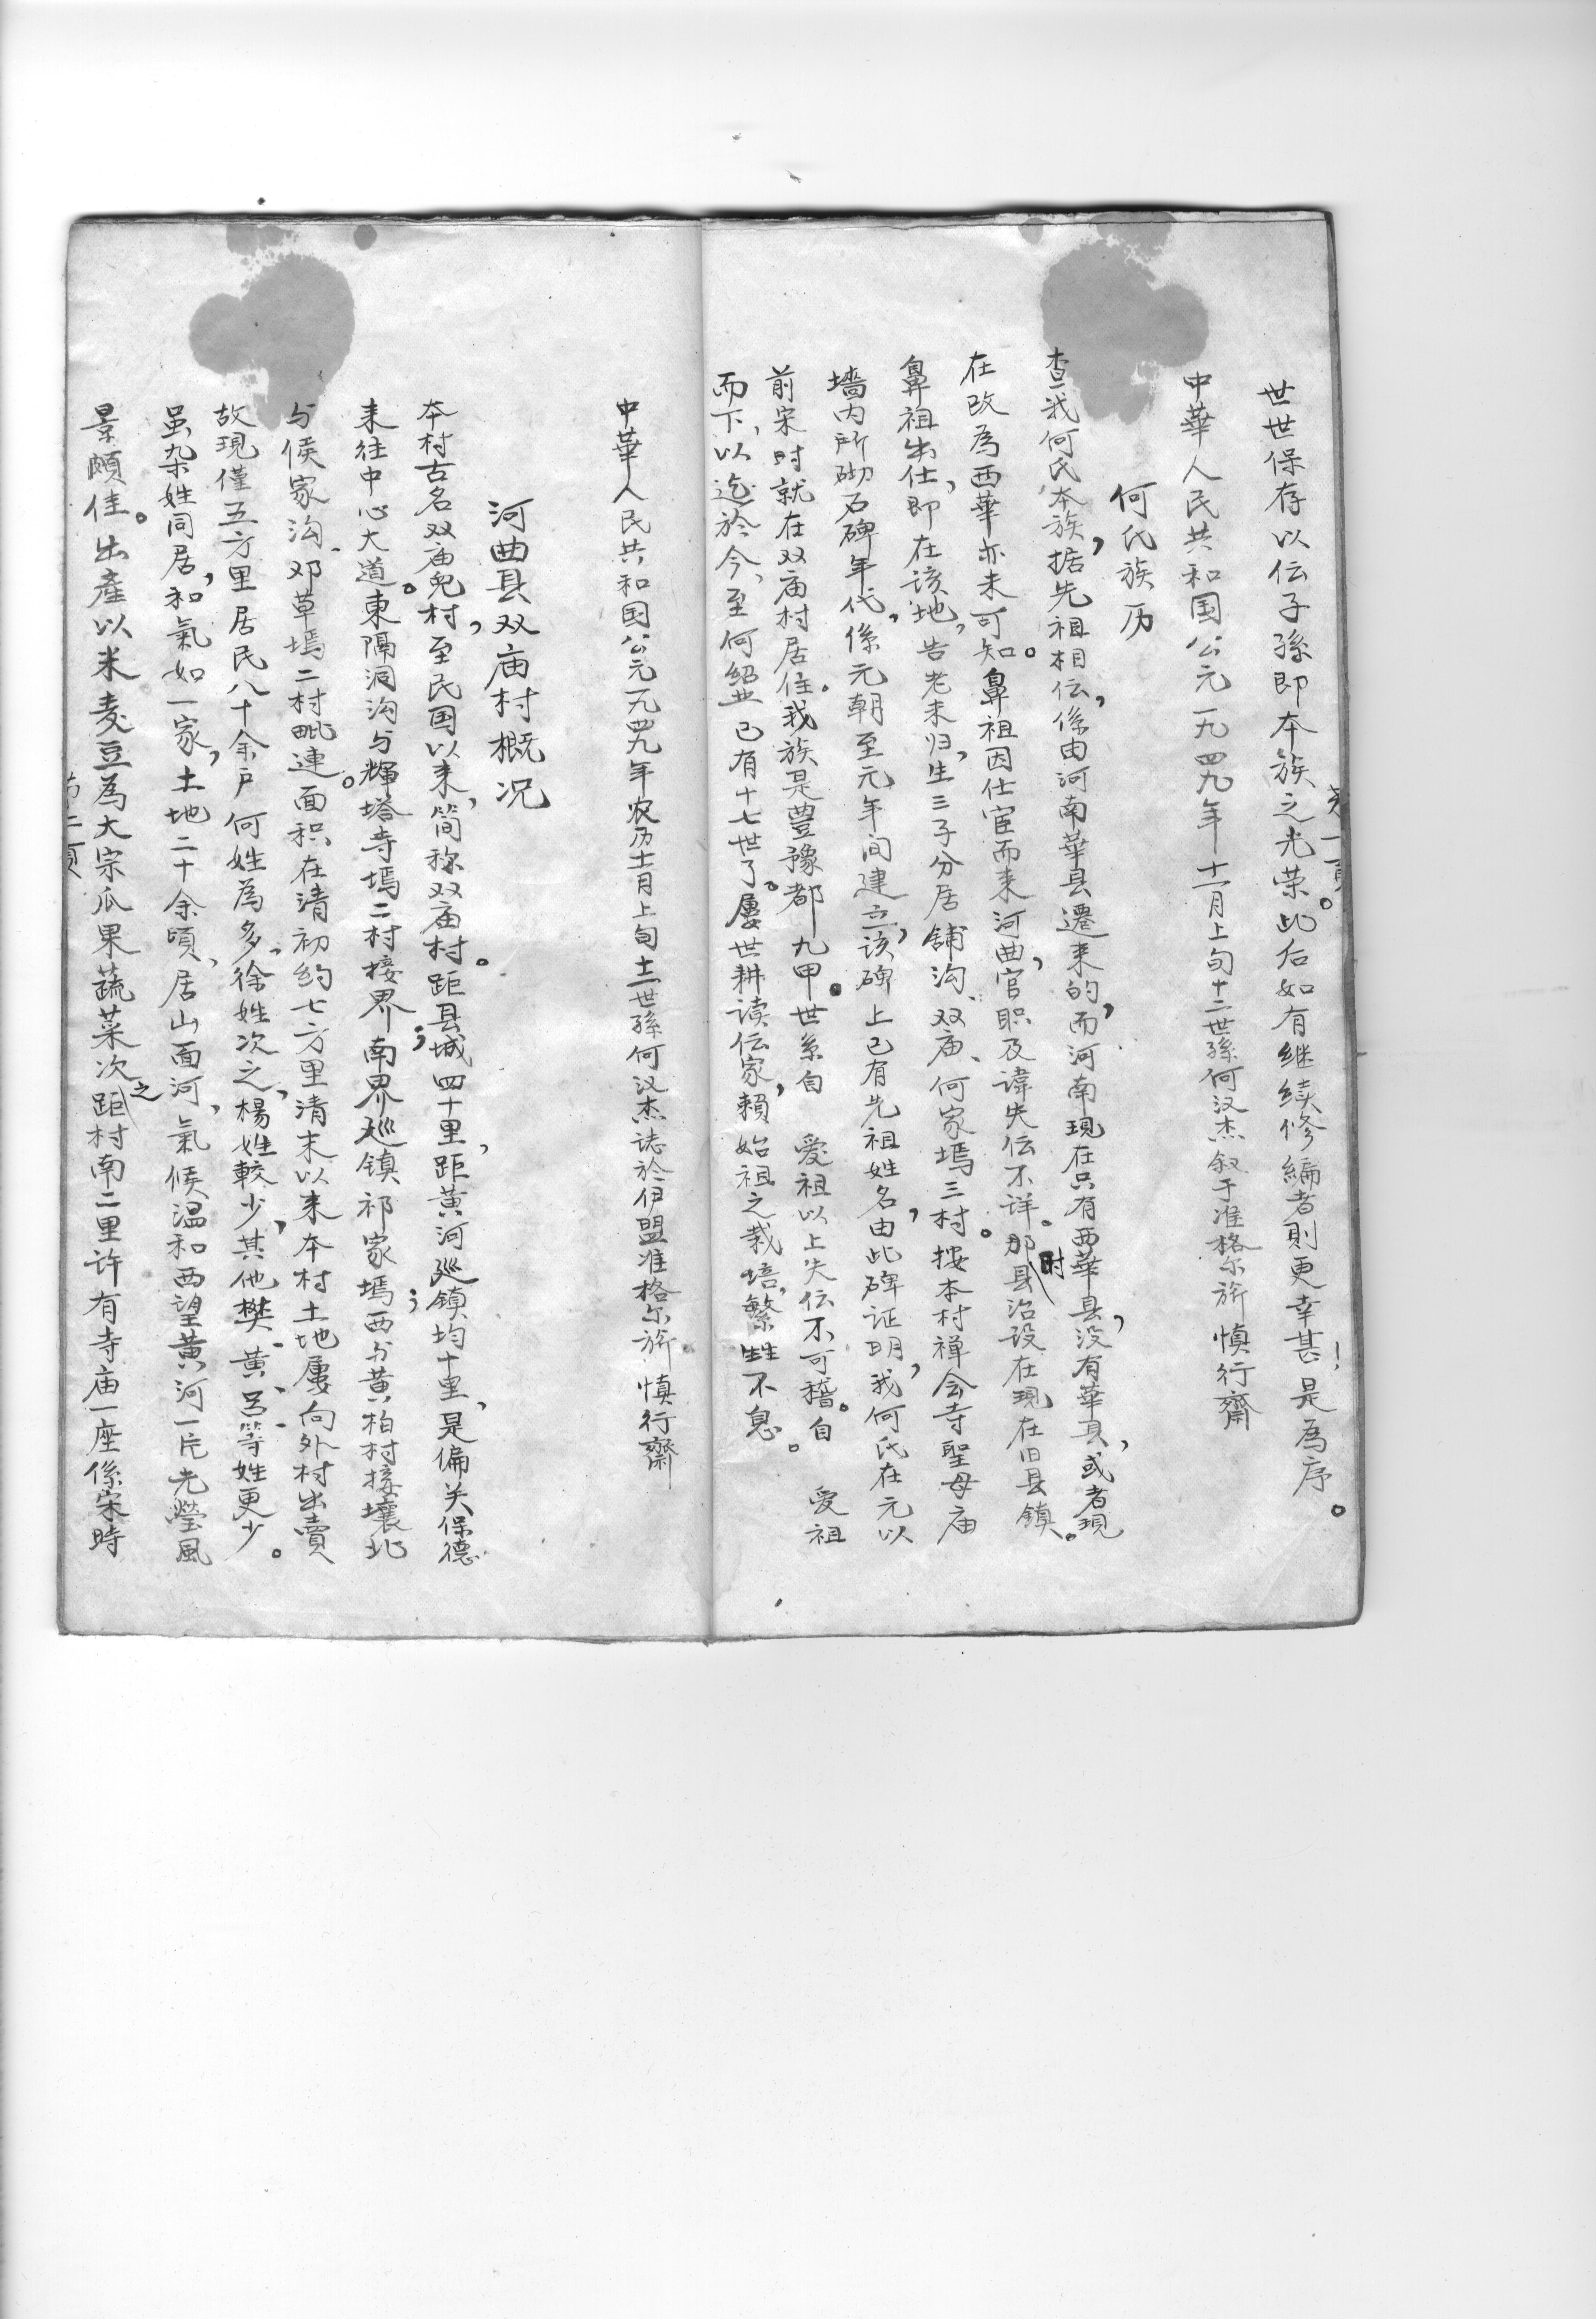 山西省河曲县双庙村何氏族谱:何氏族谱序言